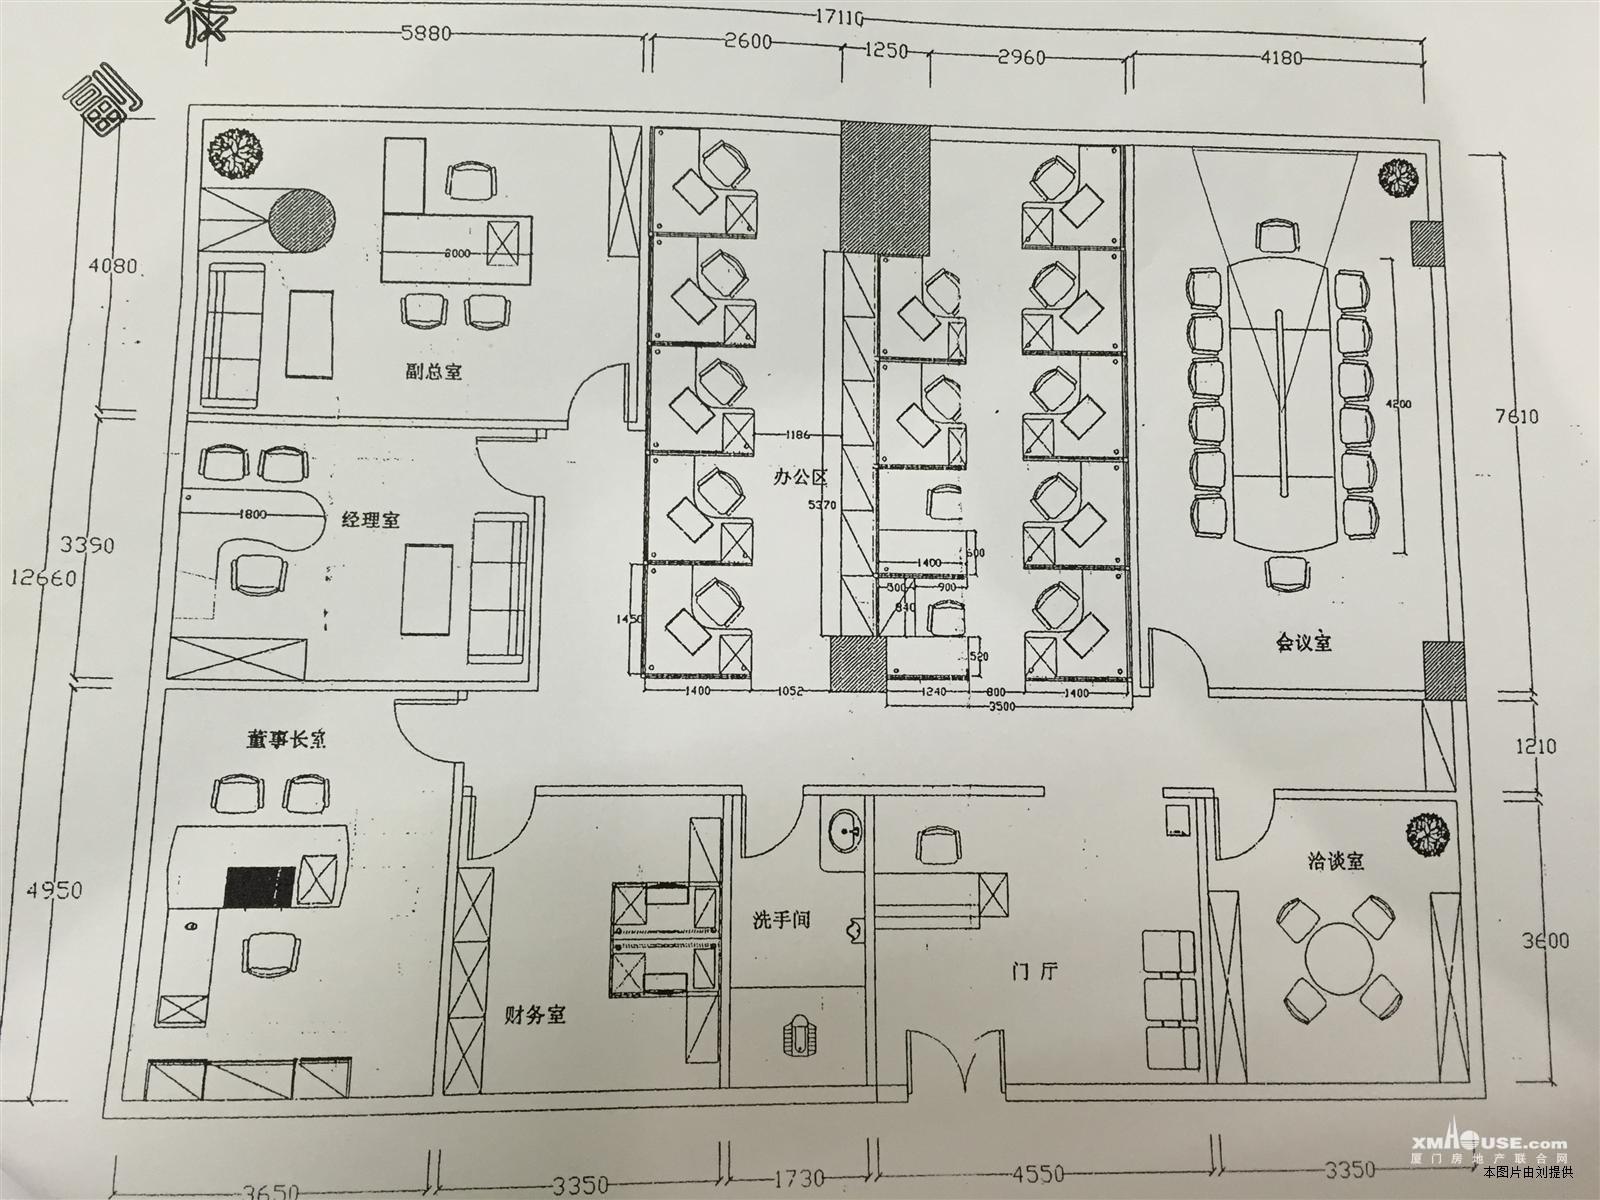 室内平面图